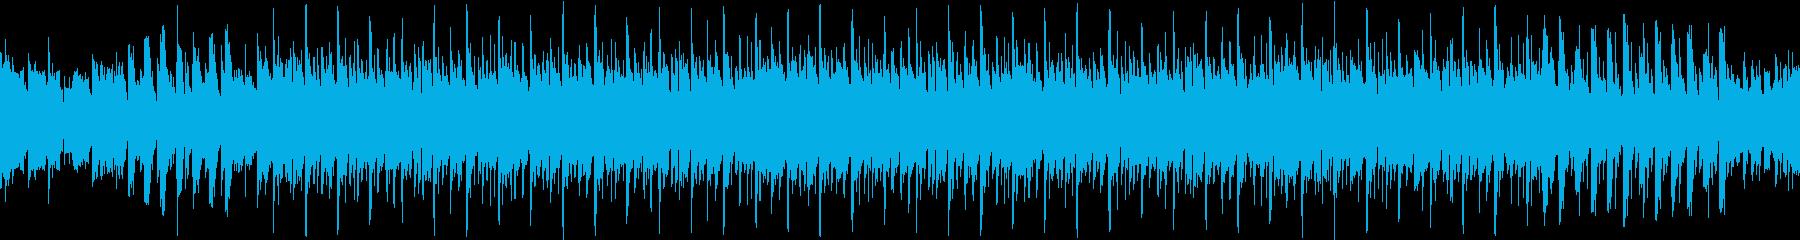 ピアノとシンセのワクワクするループ曲の再生済みの波形